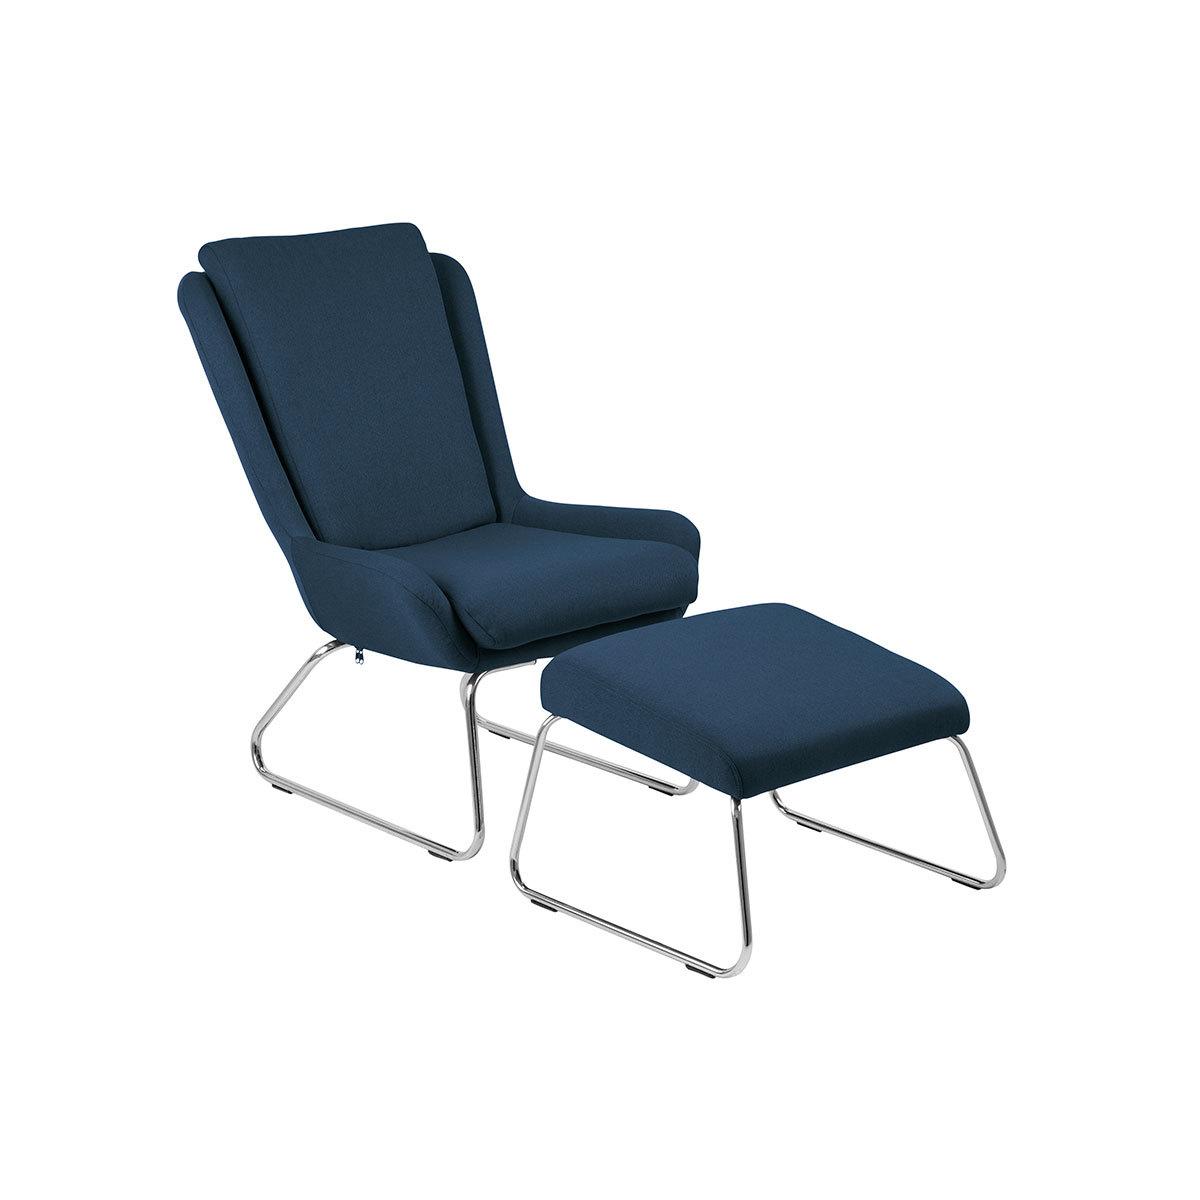 Poltrona relax design con poggiapiedi blu HARPER